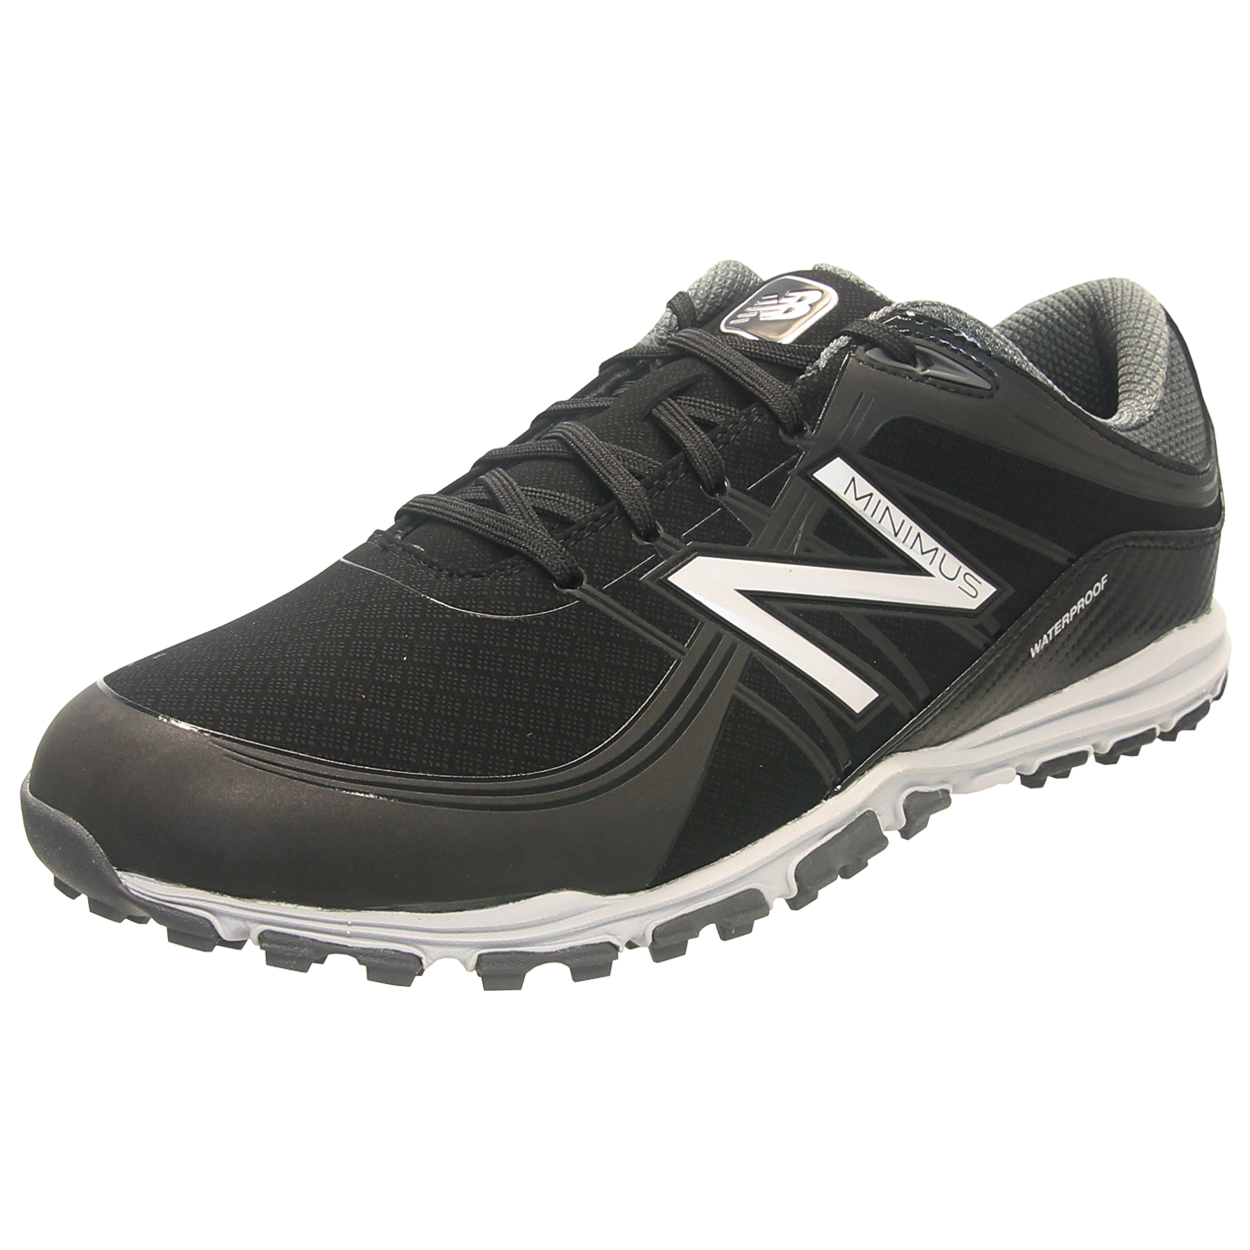 New Balance Nbg Golf Shoes